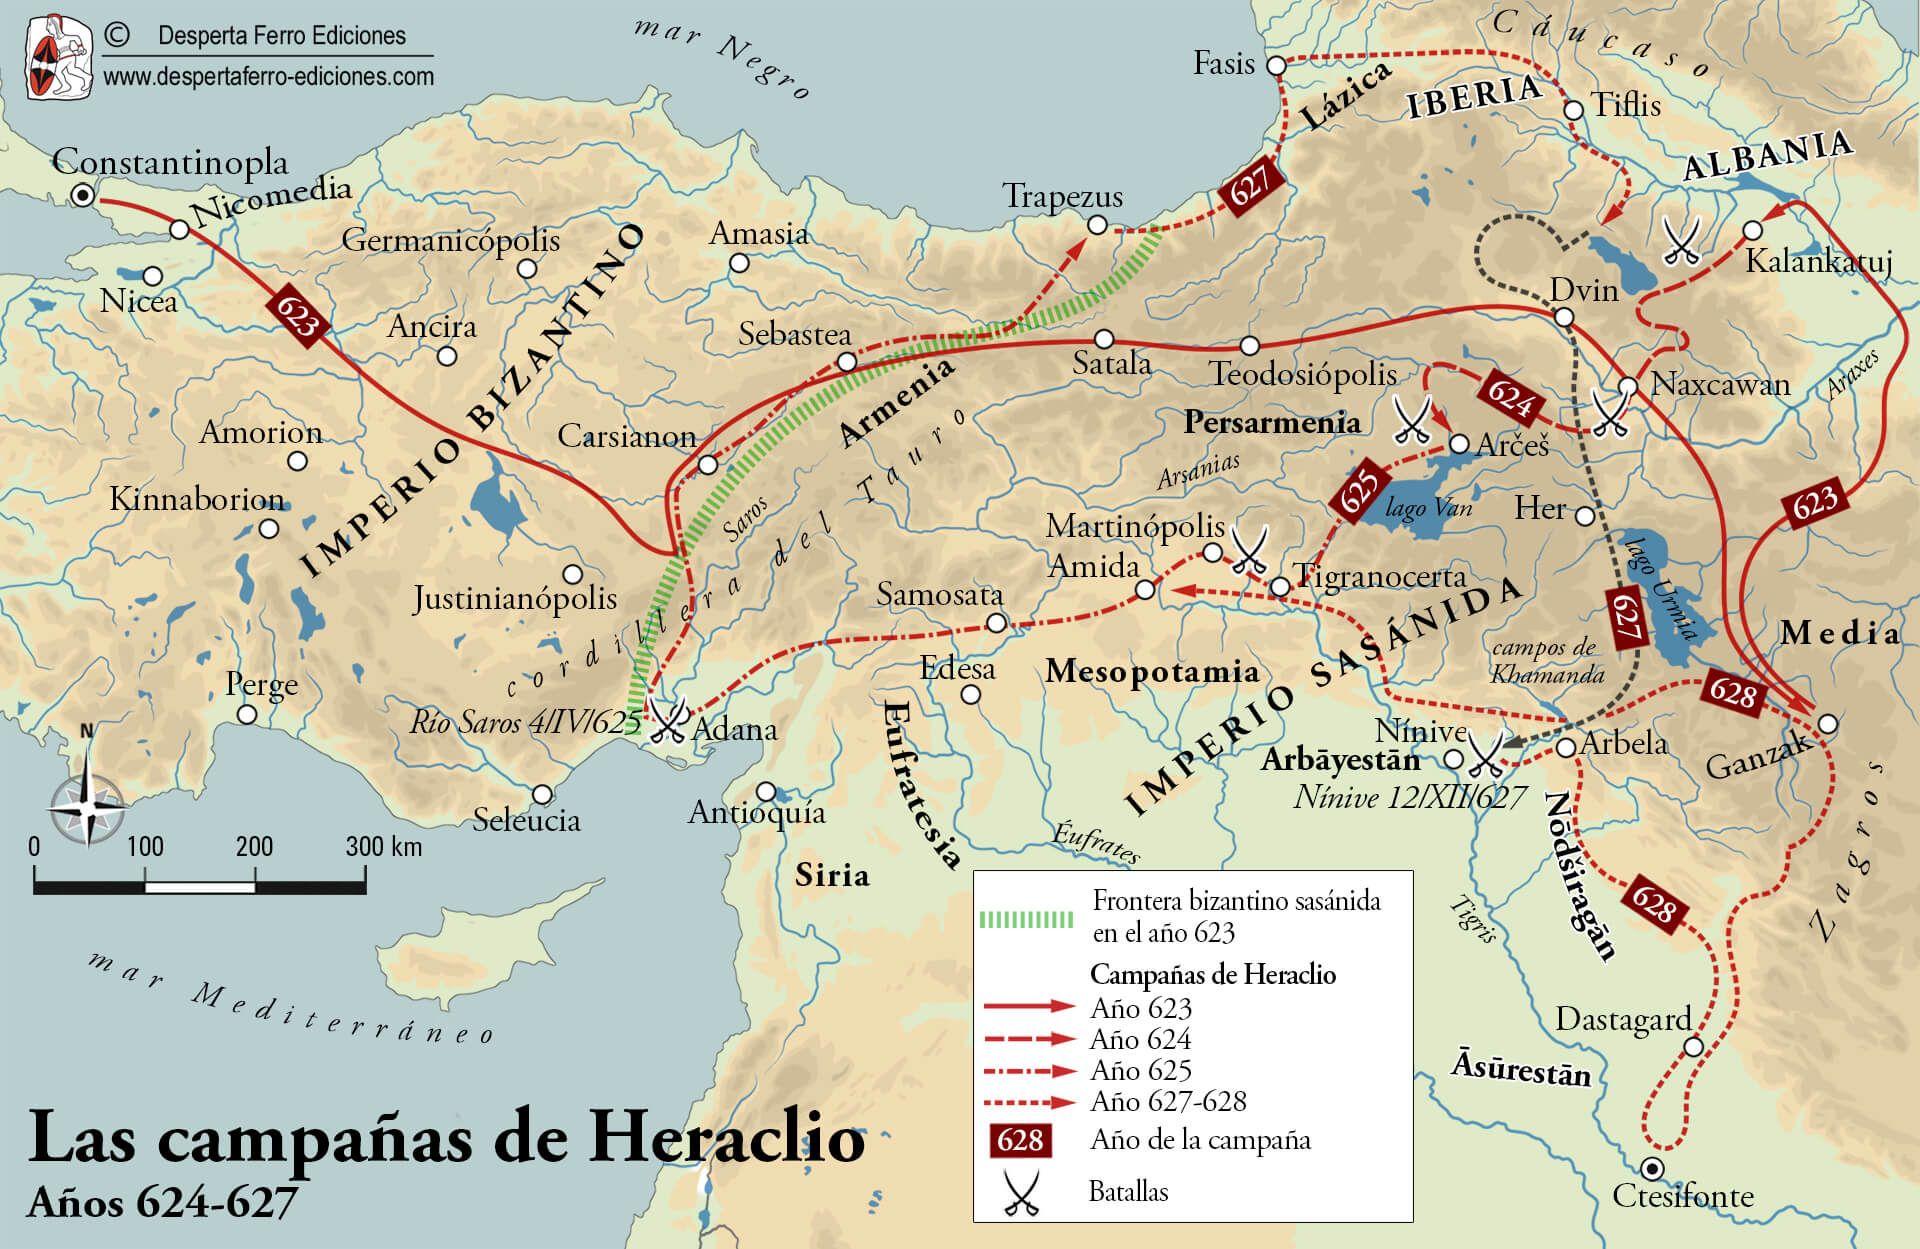 Mapa de las campañas de Heraclio contra la Persia sasánida